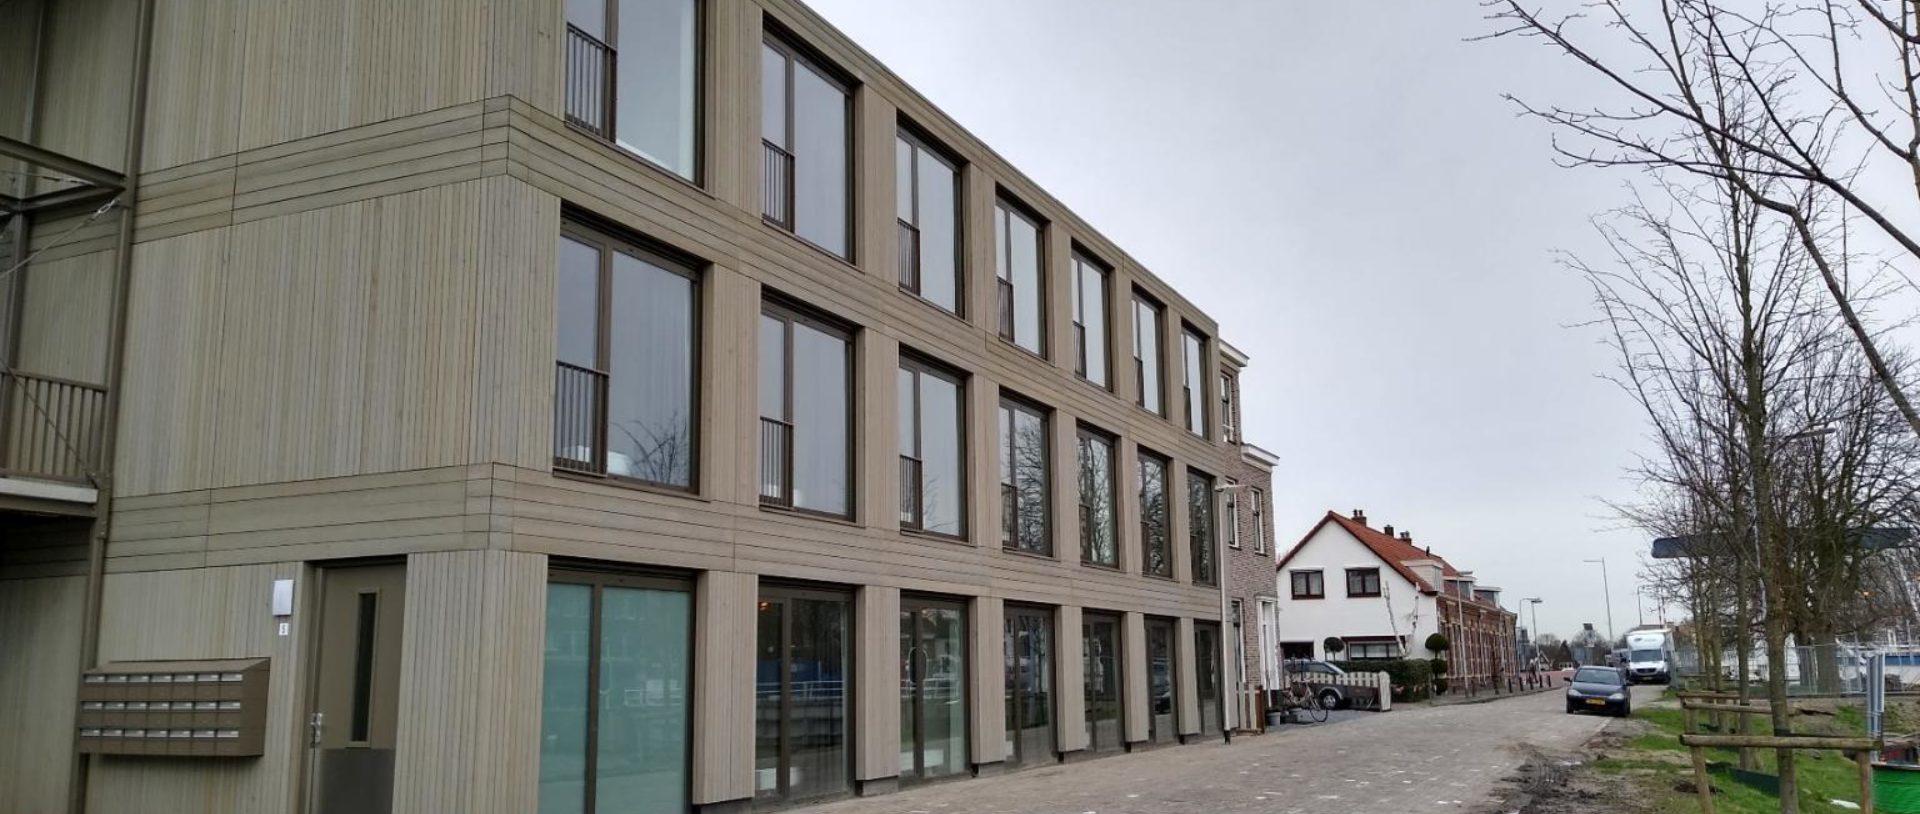 Nieuws Corporatiemonitor flexibele woningen als snelle uitkomst voor spoedzoekers wonen